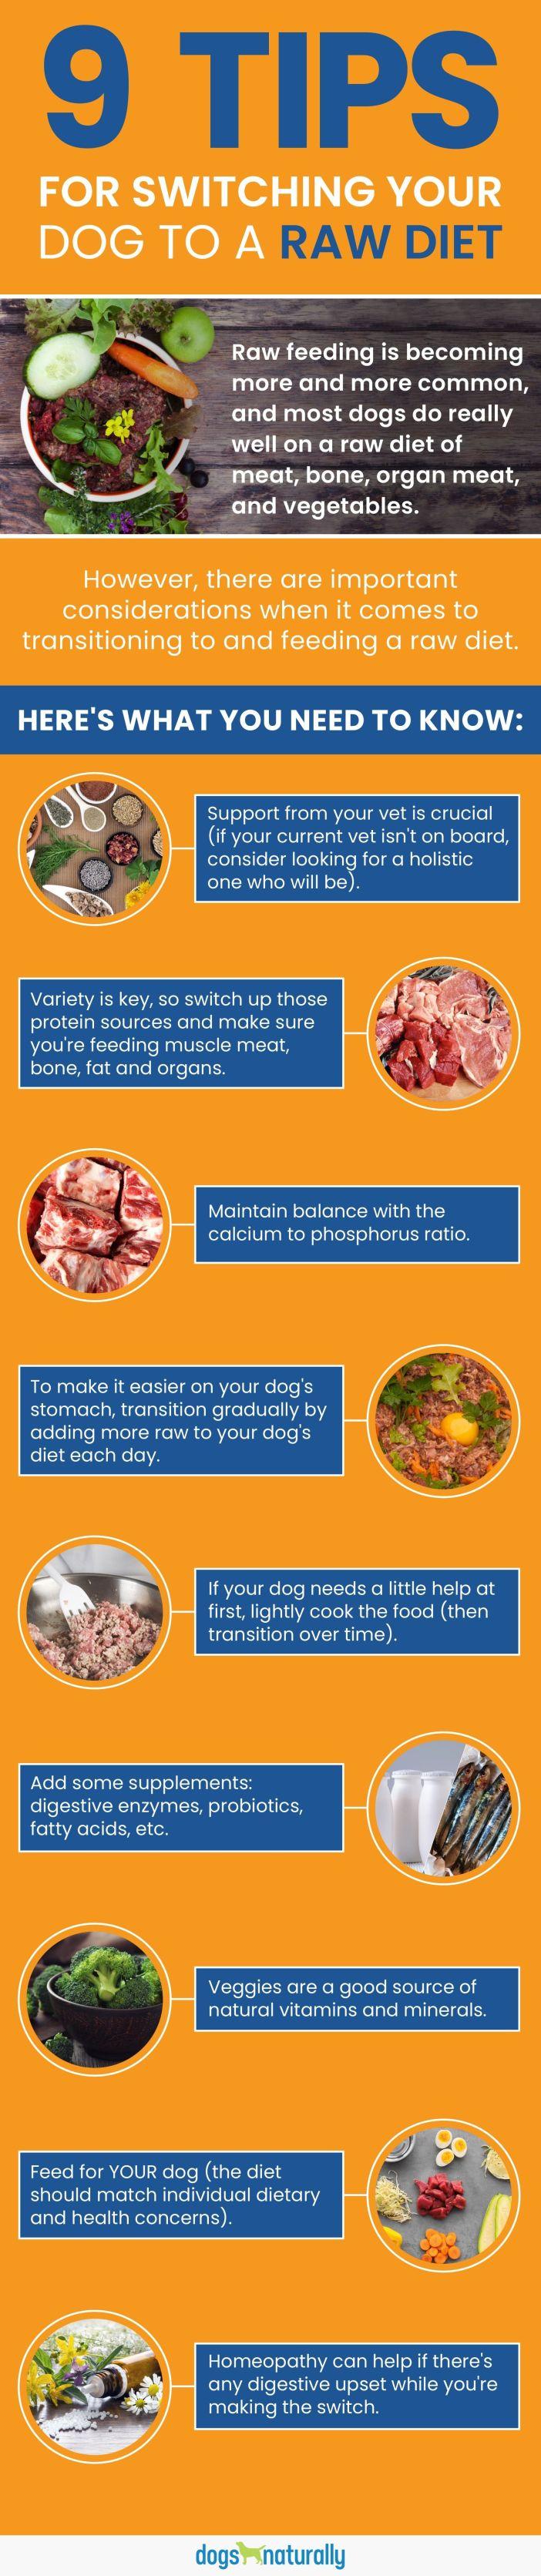 holistic approach to raw feeding